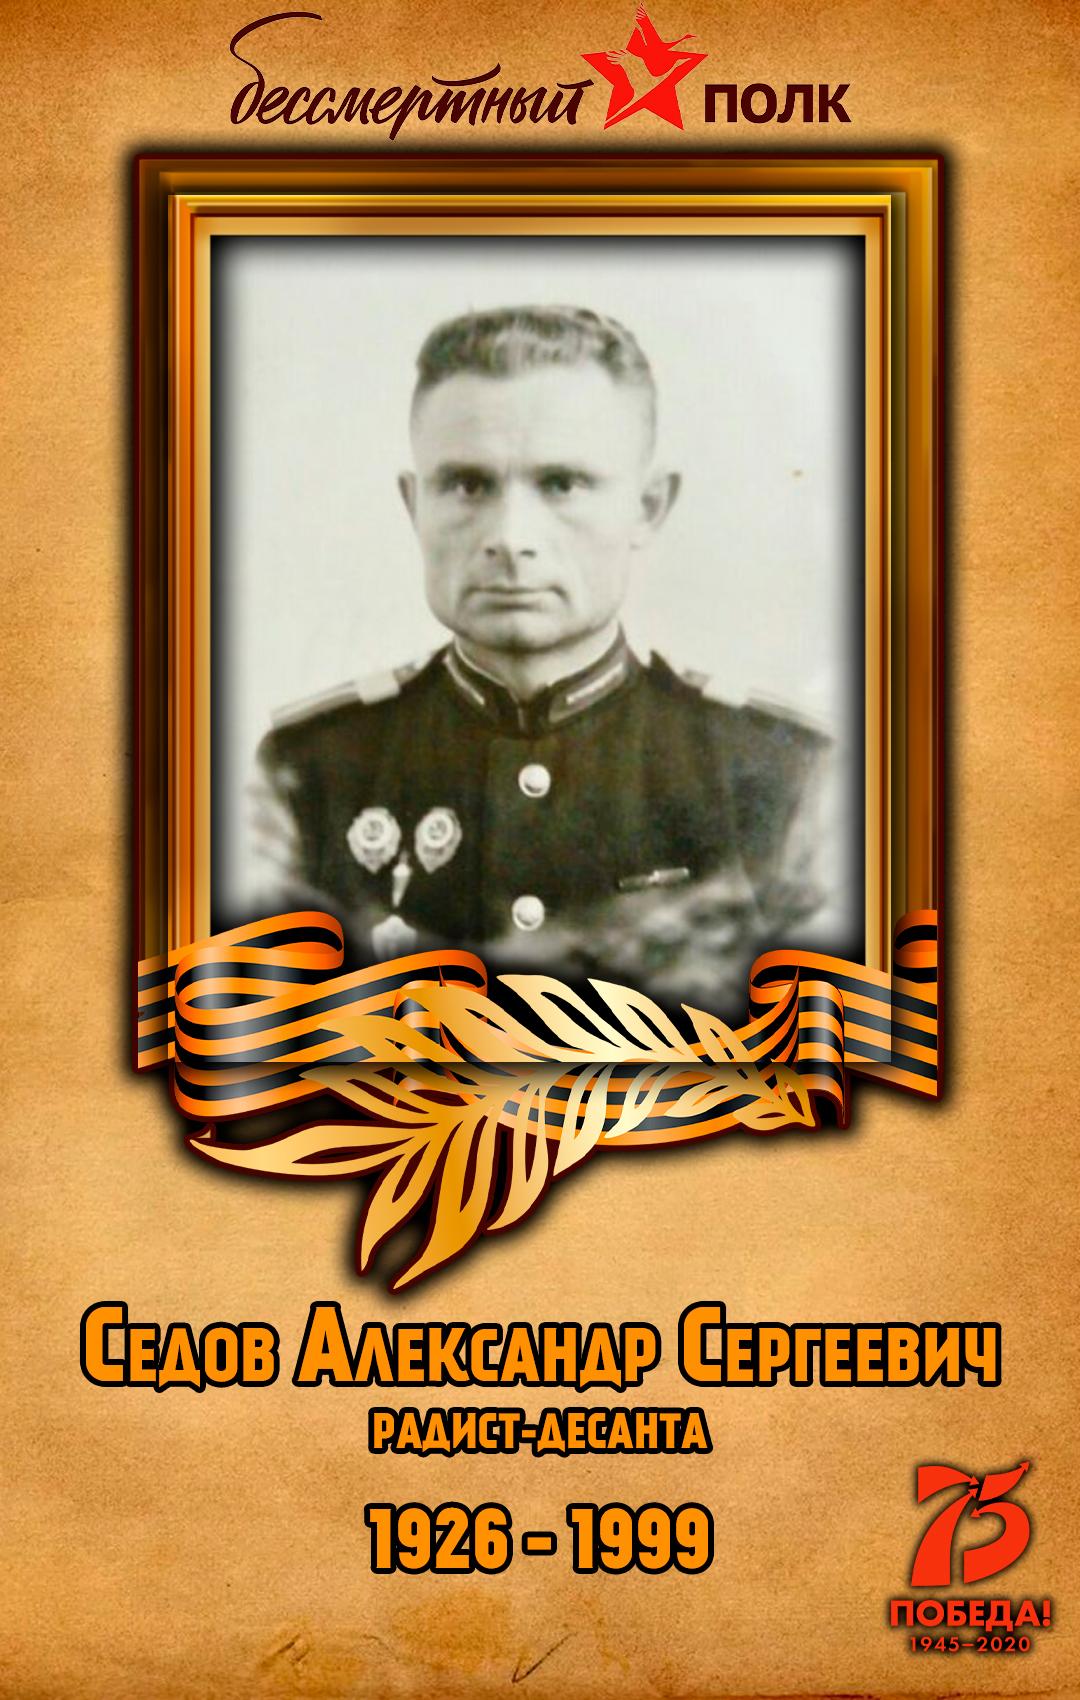 Седов-Александр-Сергеевич